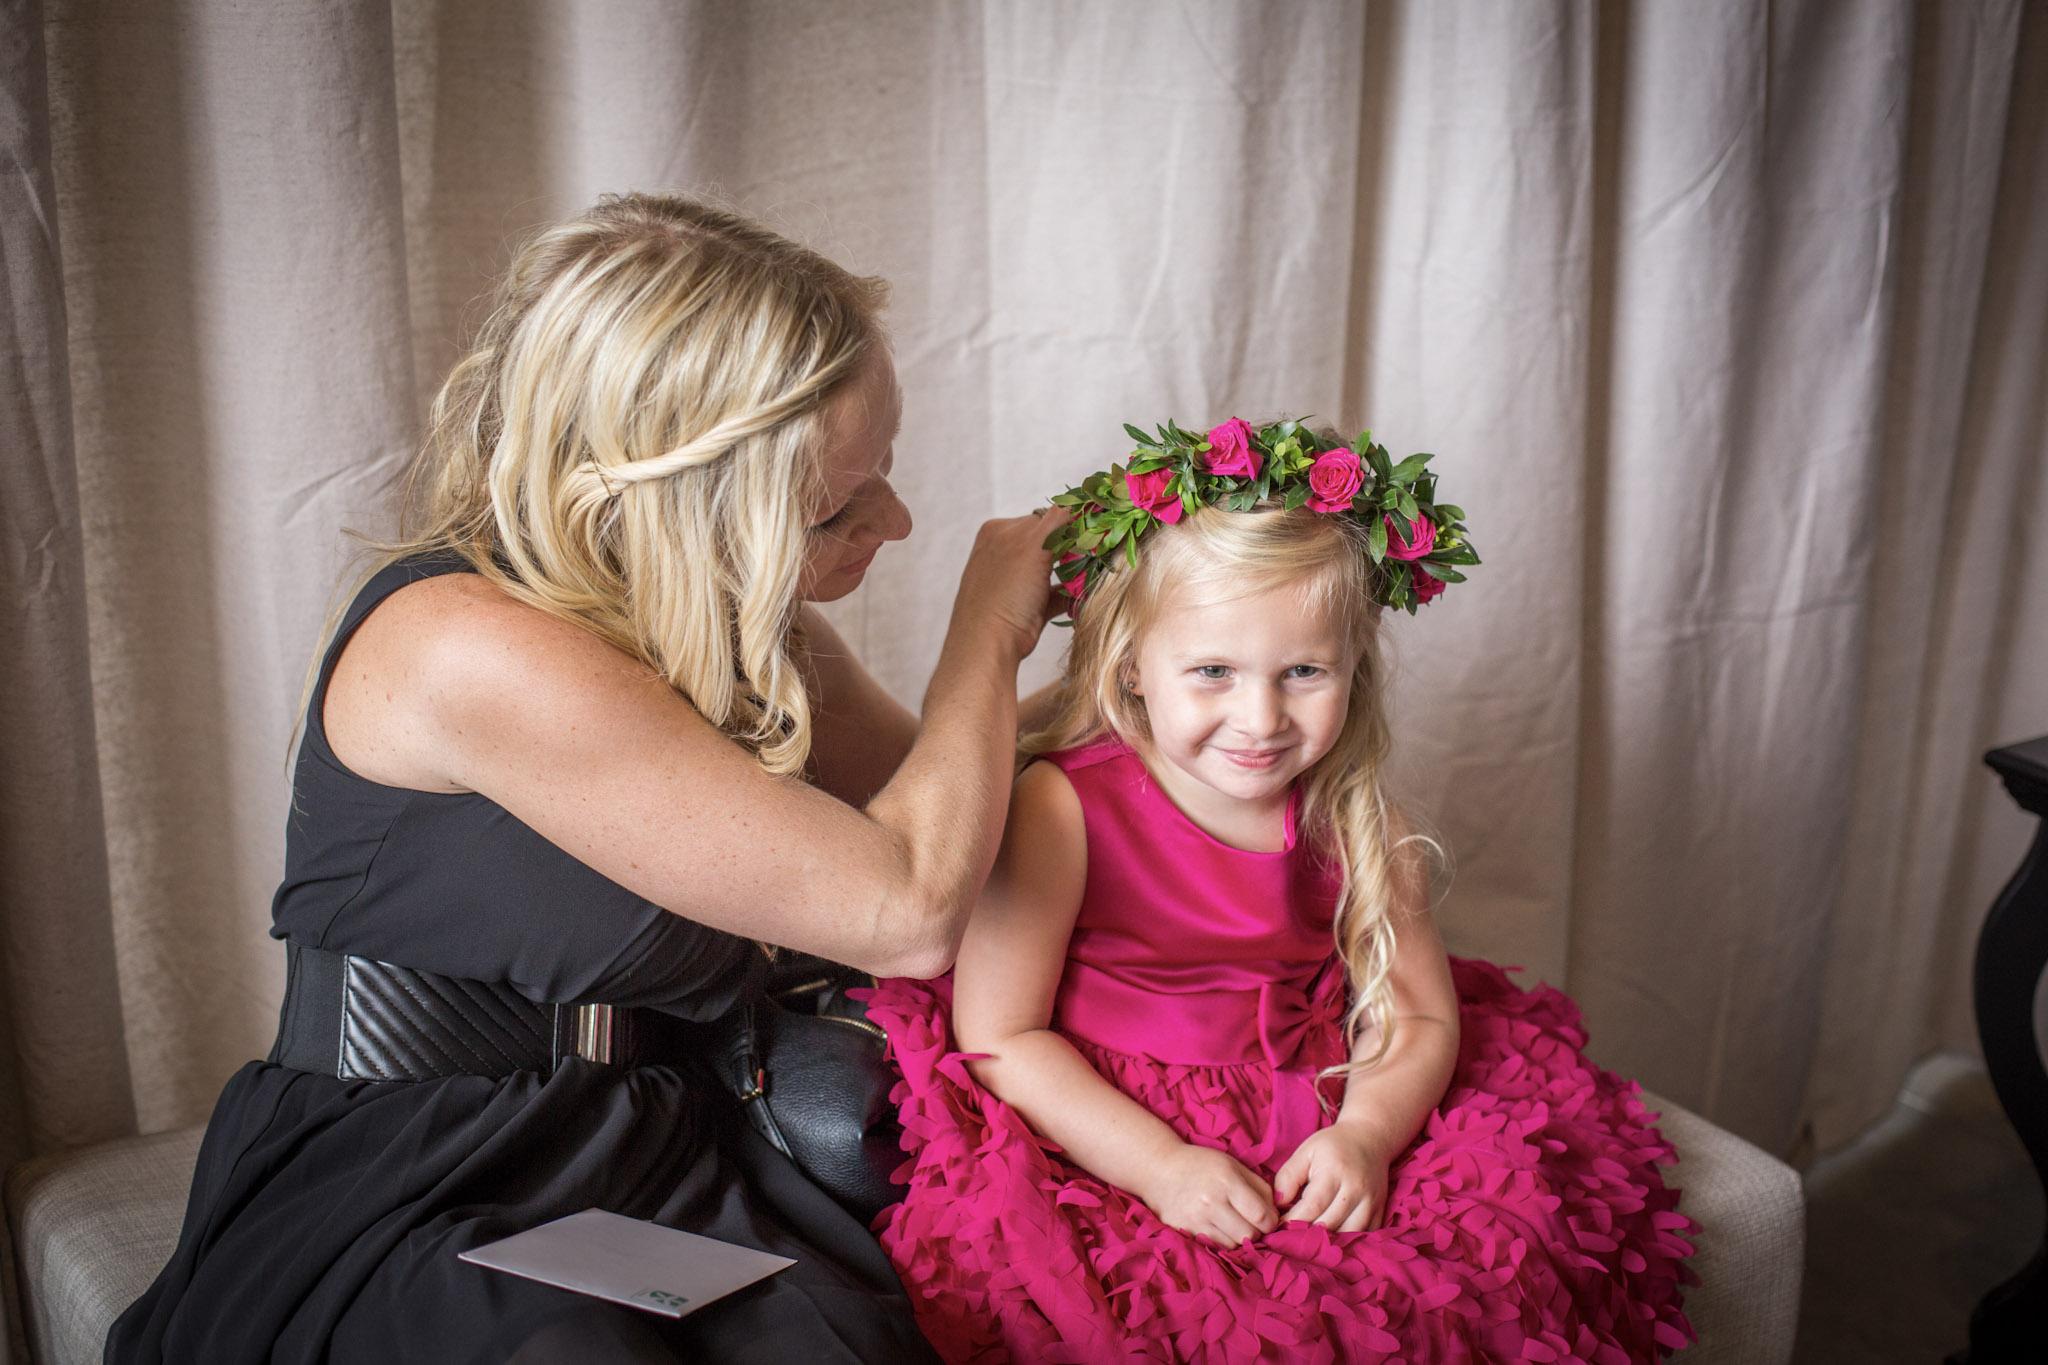 Kansas+City-Small+Wedding-Elope_Intimate_Ceremony_Melanie+David-35.jpg